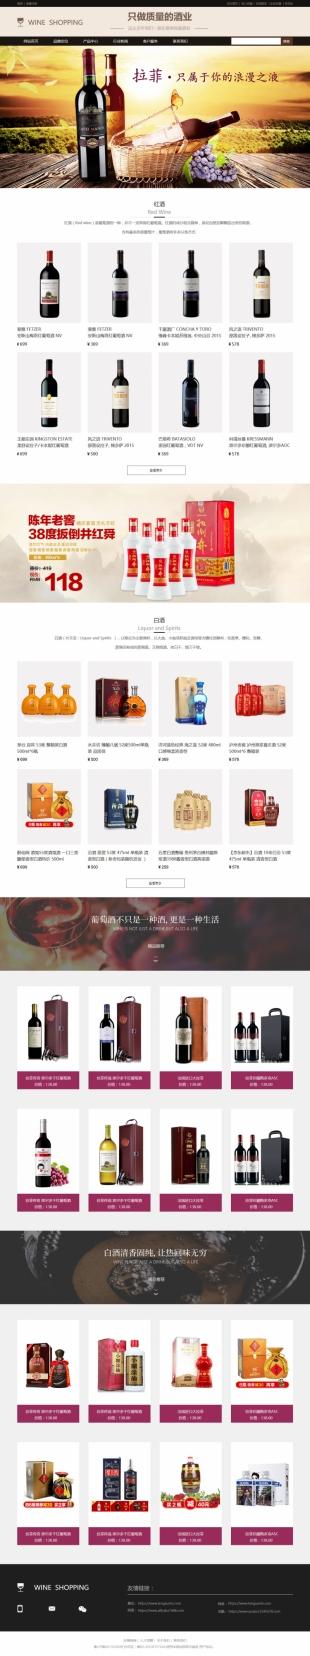 品牌酒类网站通用模板电脑图片